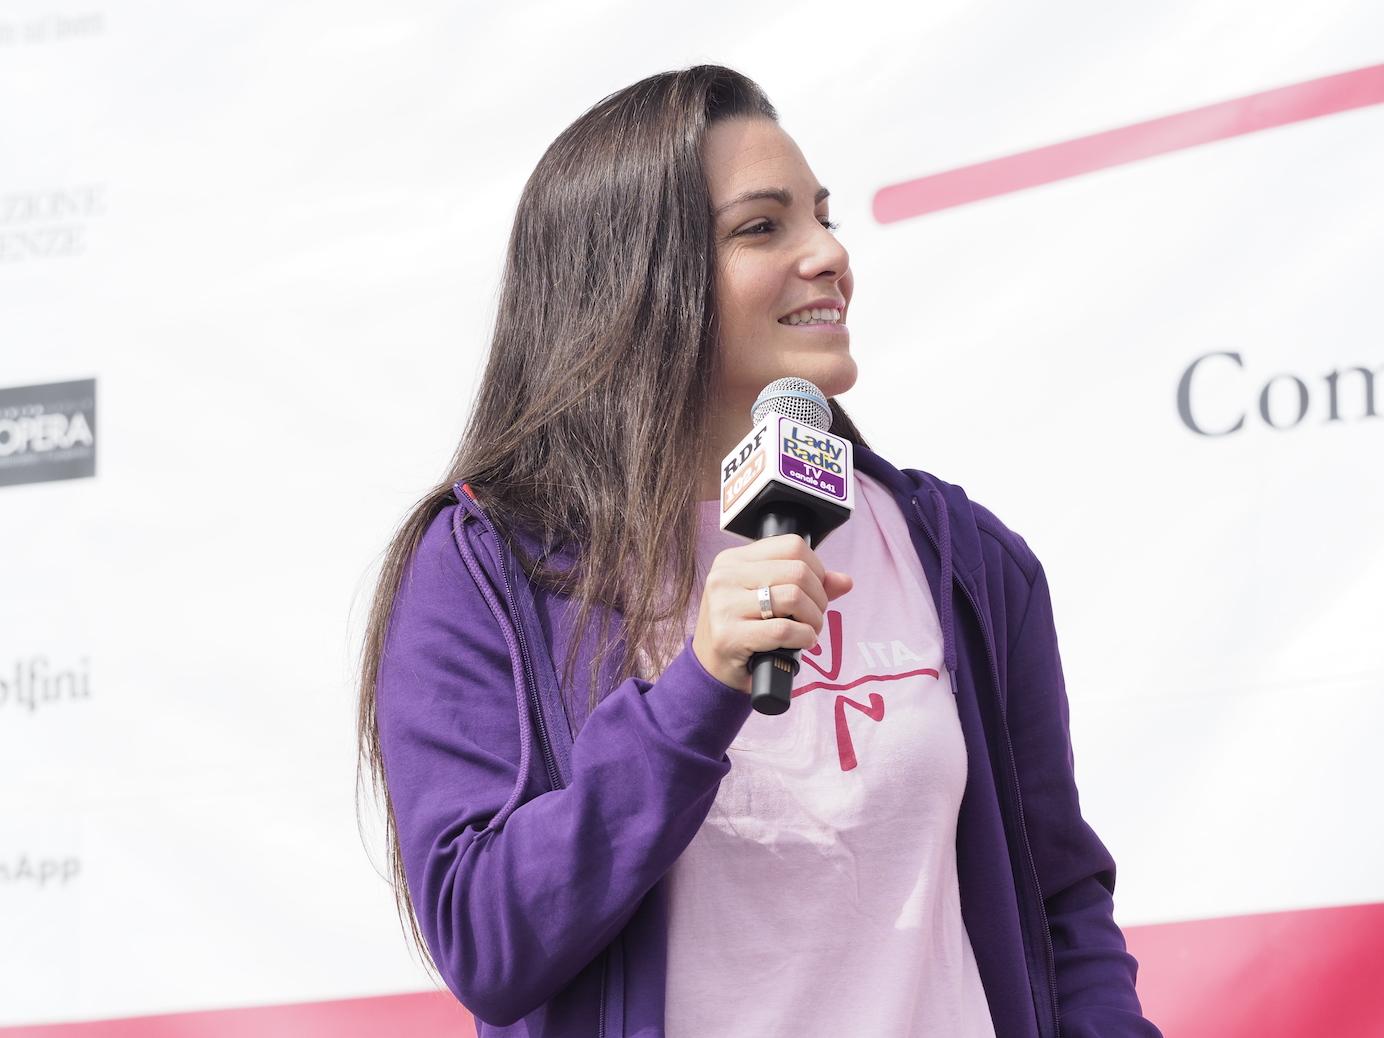 Corri la Vita 2019 - Alia Guagni